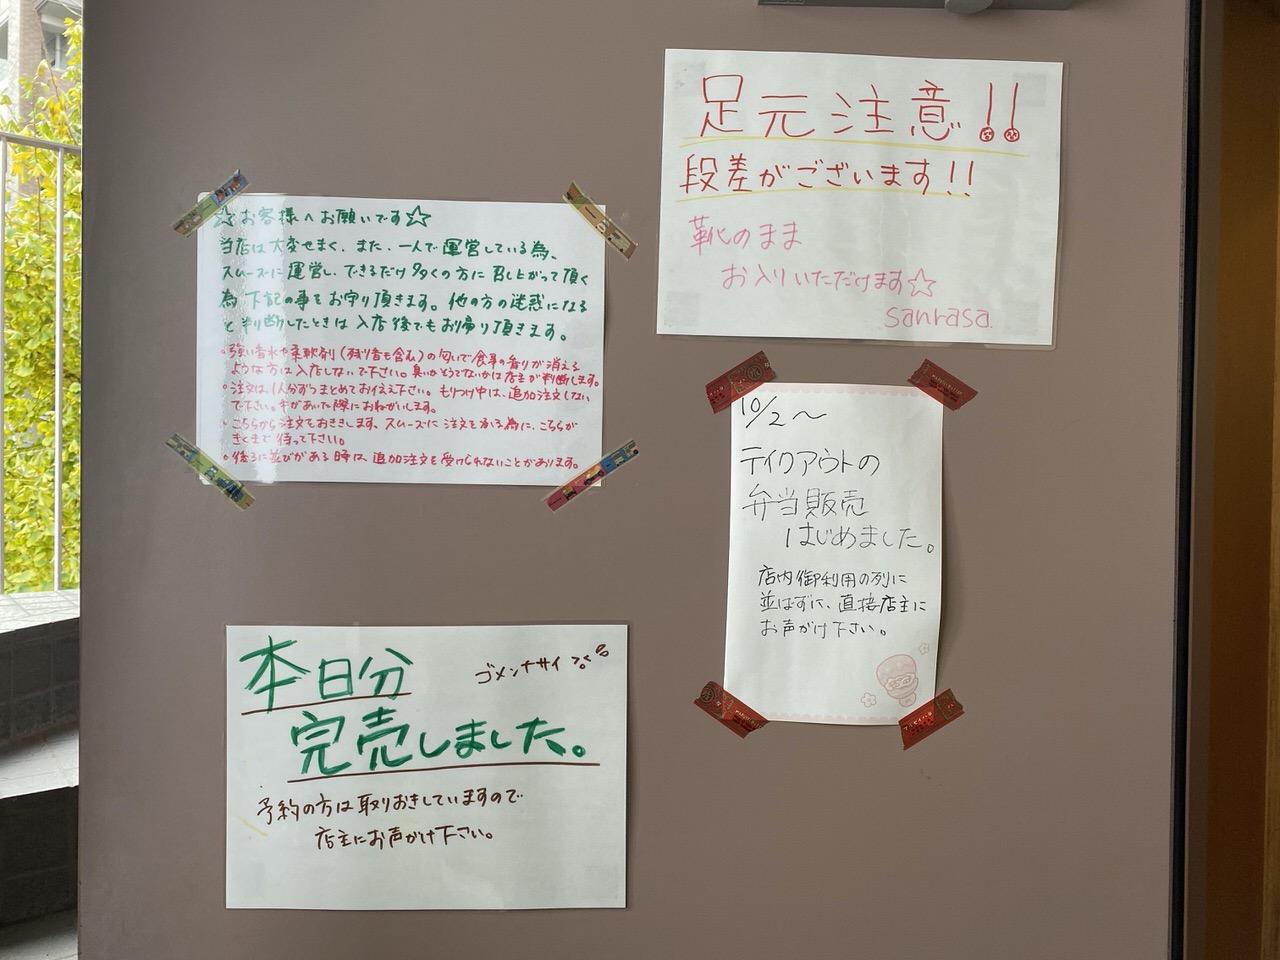 カレー「サンラサー」東新宿 2